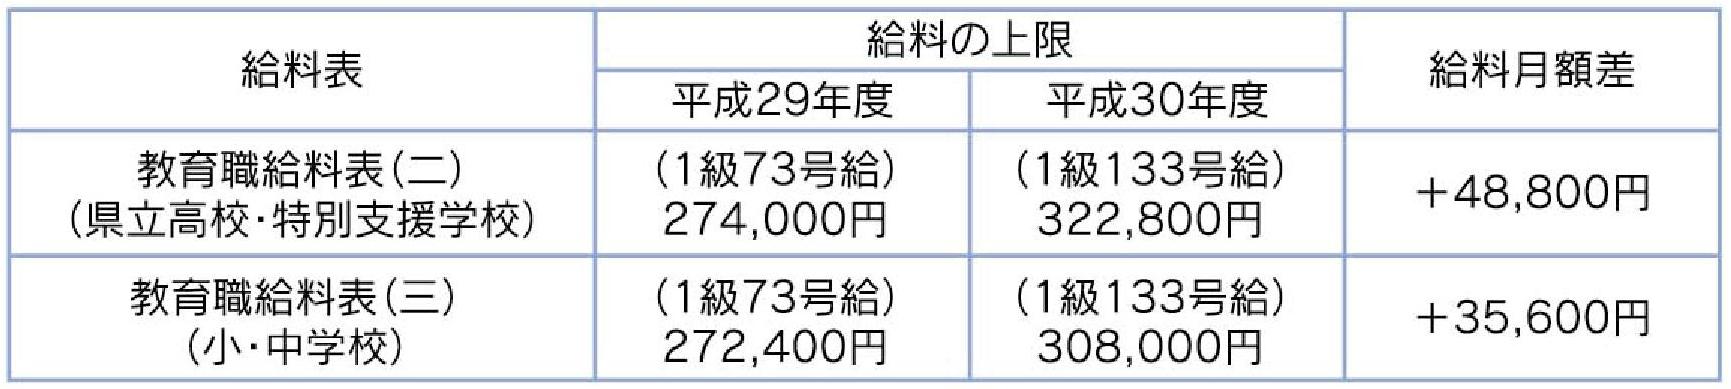 福岡県常勤講師給料引き上げ額一覧表